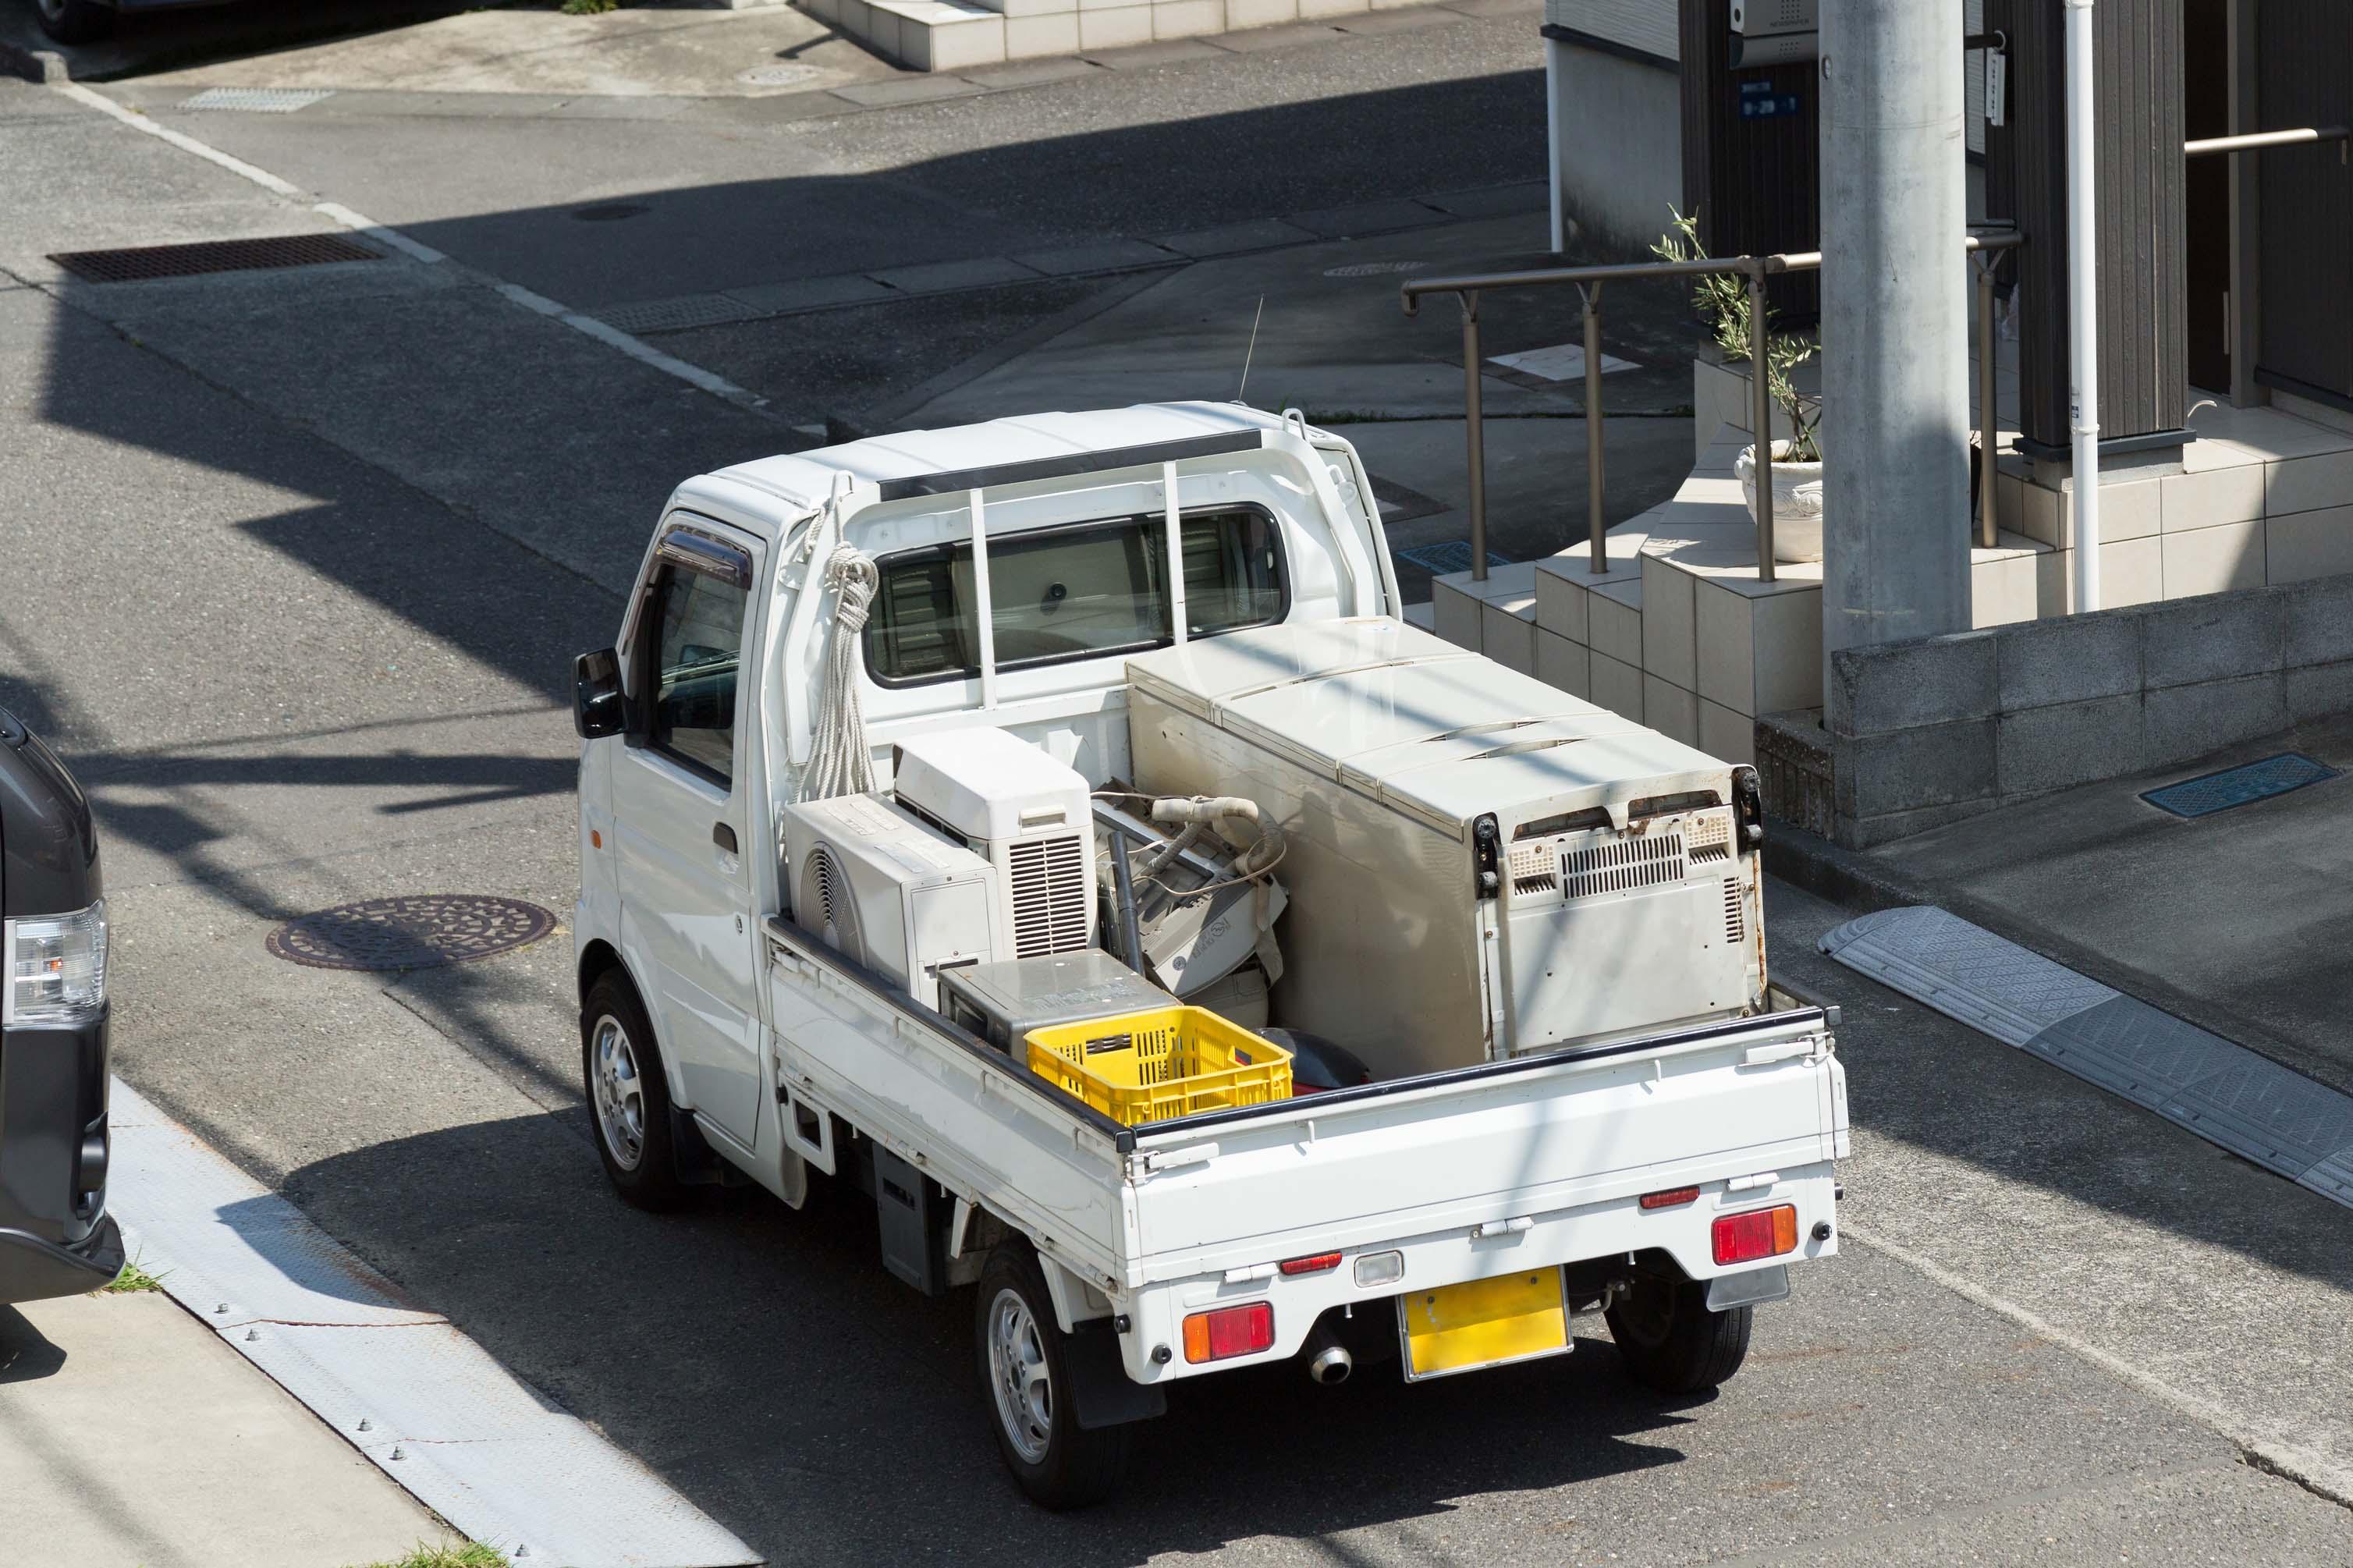 無料回収をうたいさまざまなものを回収しているトラックのイメージ_L